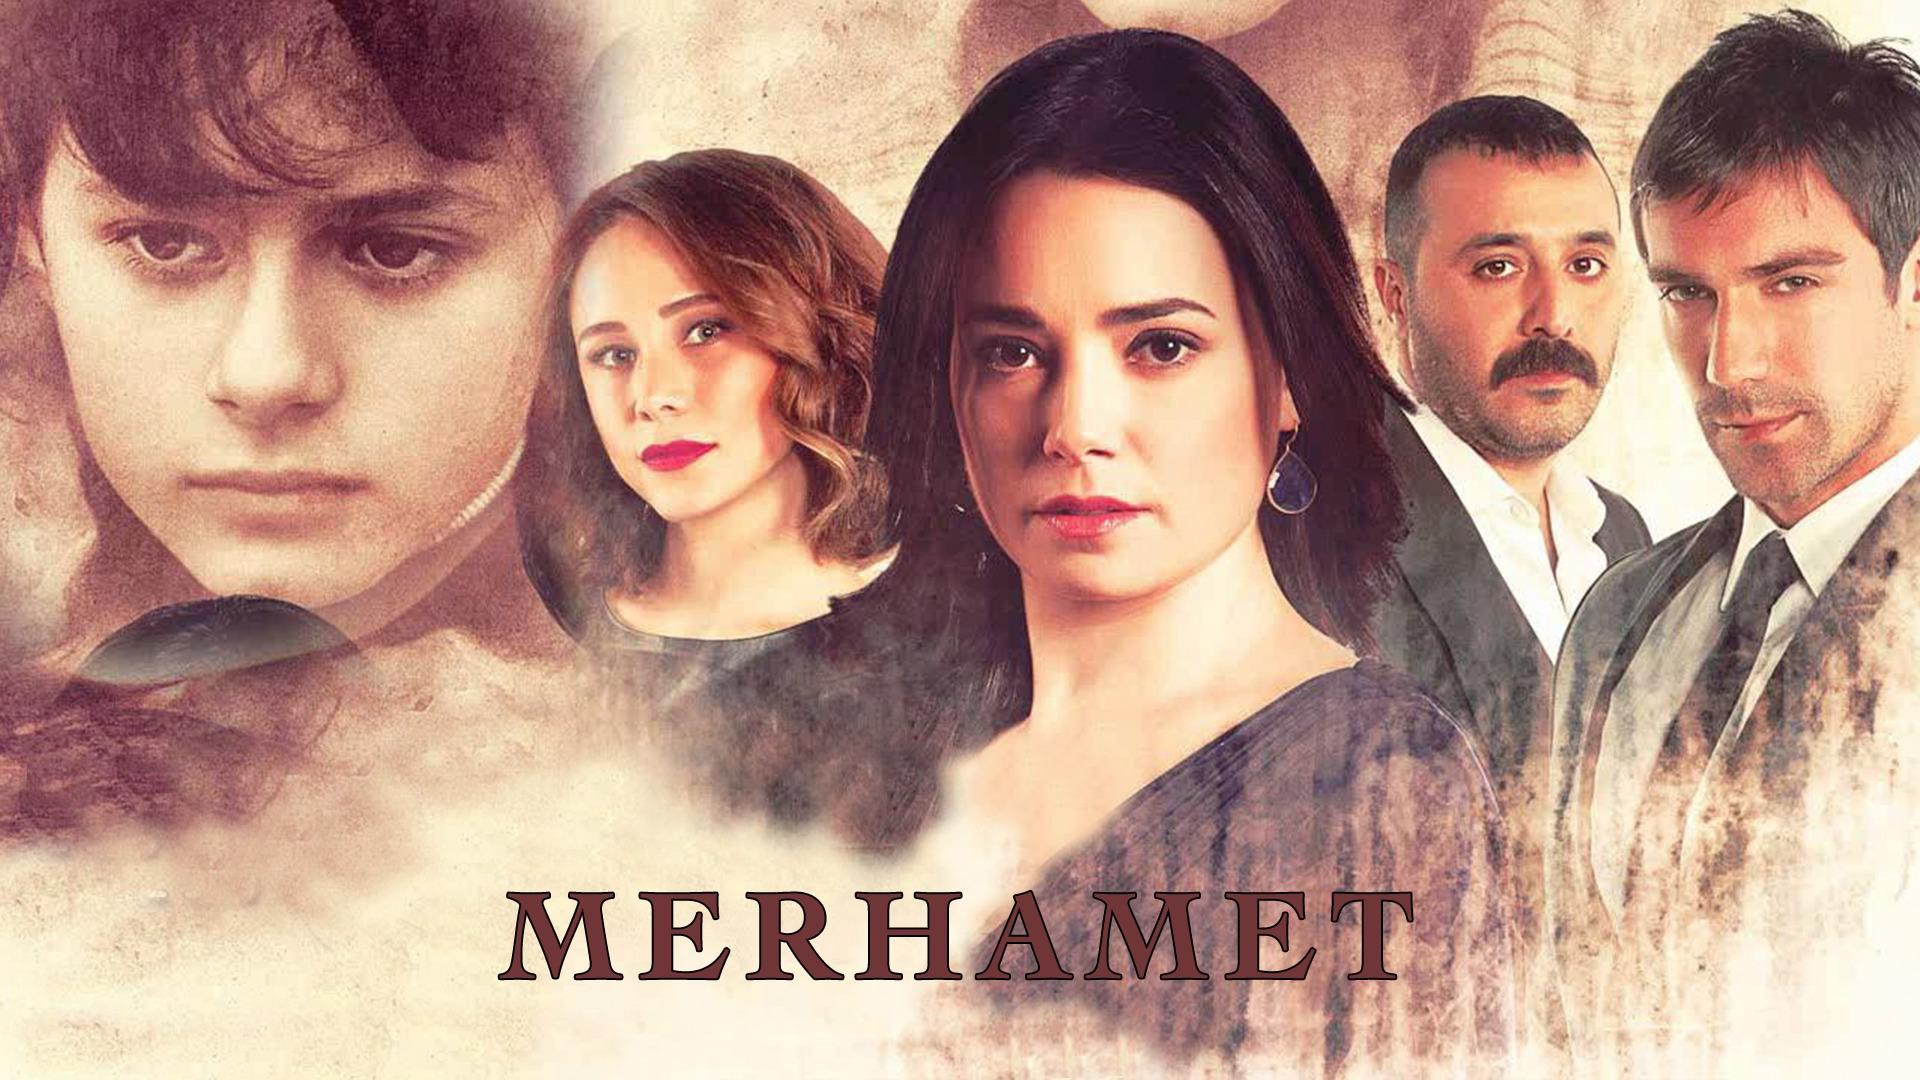 Show Merhamet